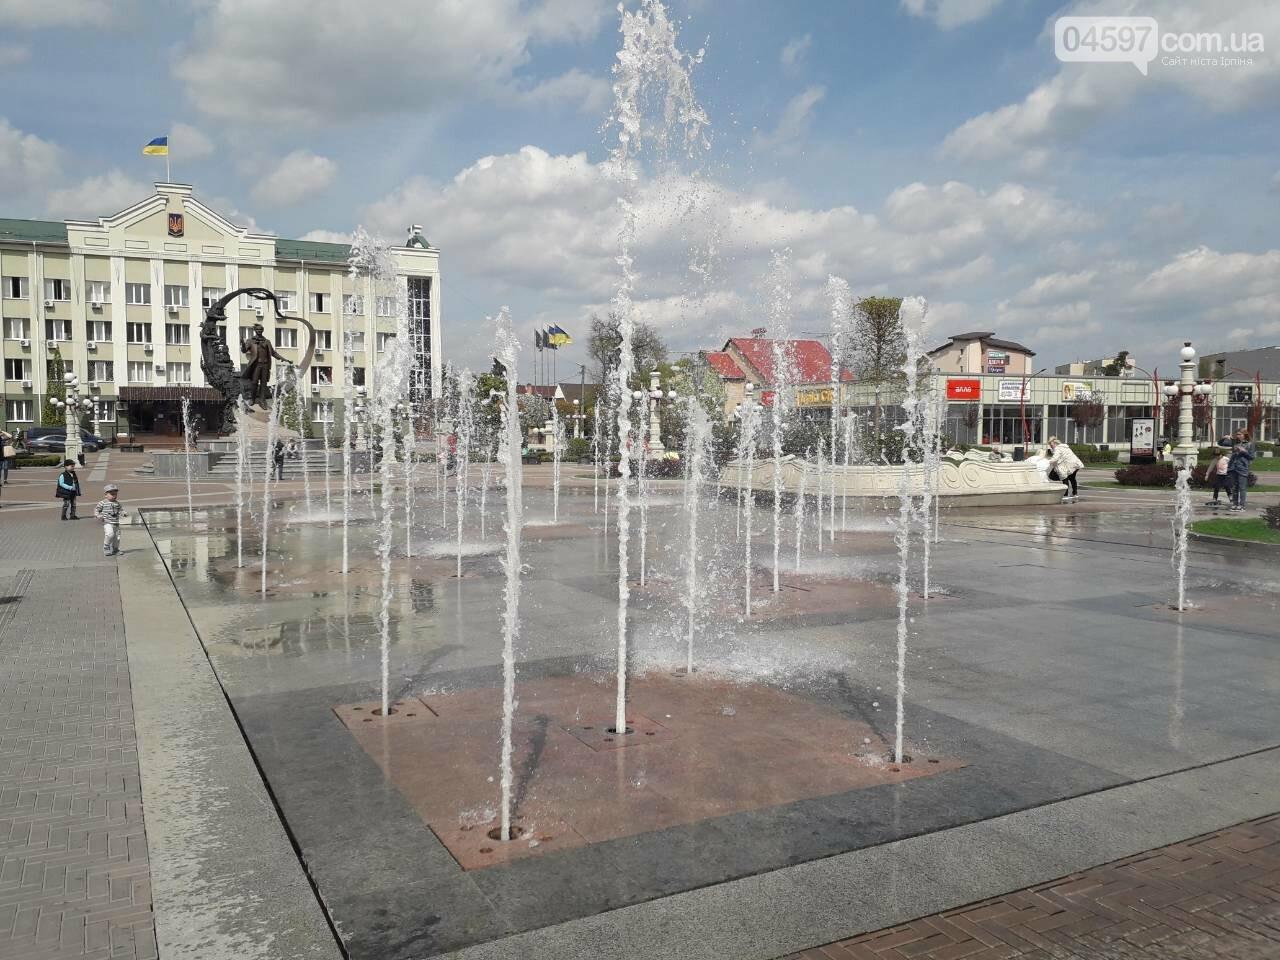 Найближчими днями в центрі Ірпеня запустять фонтан, фото-1